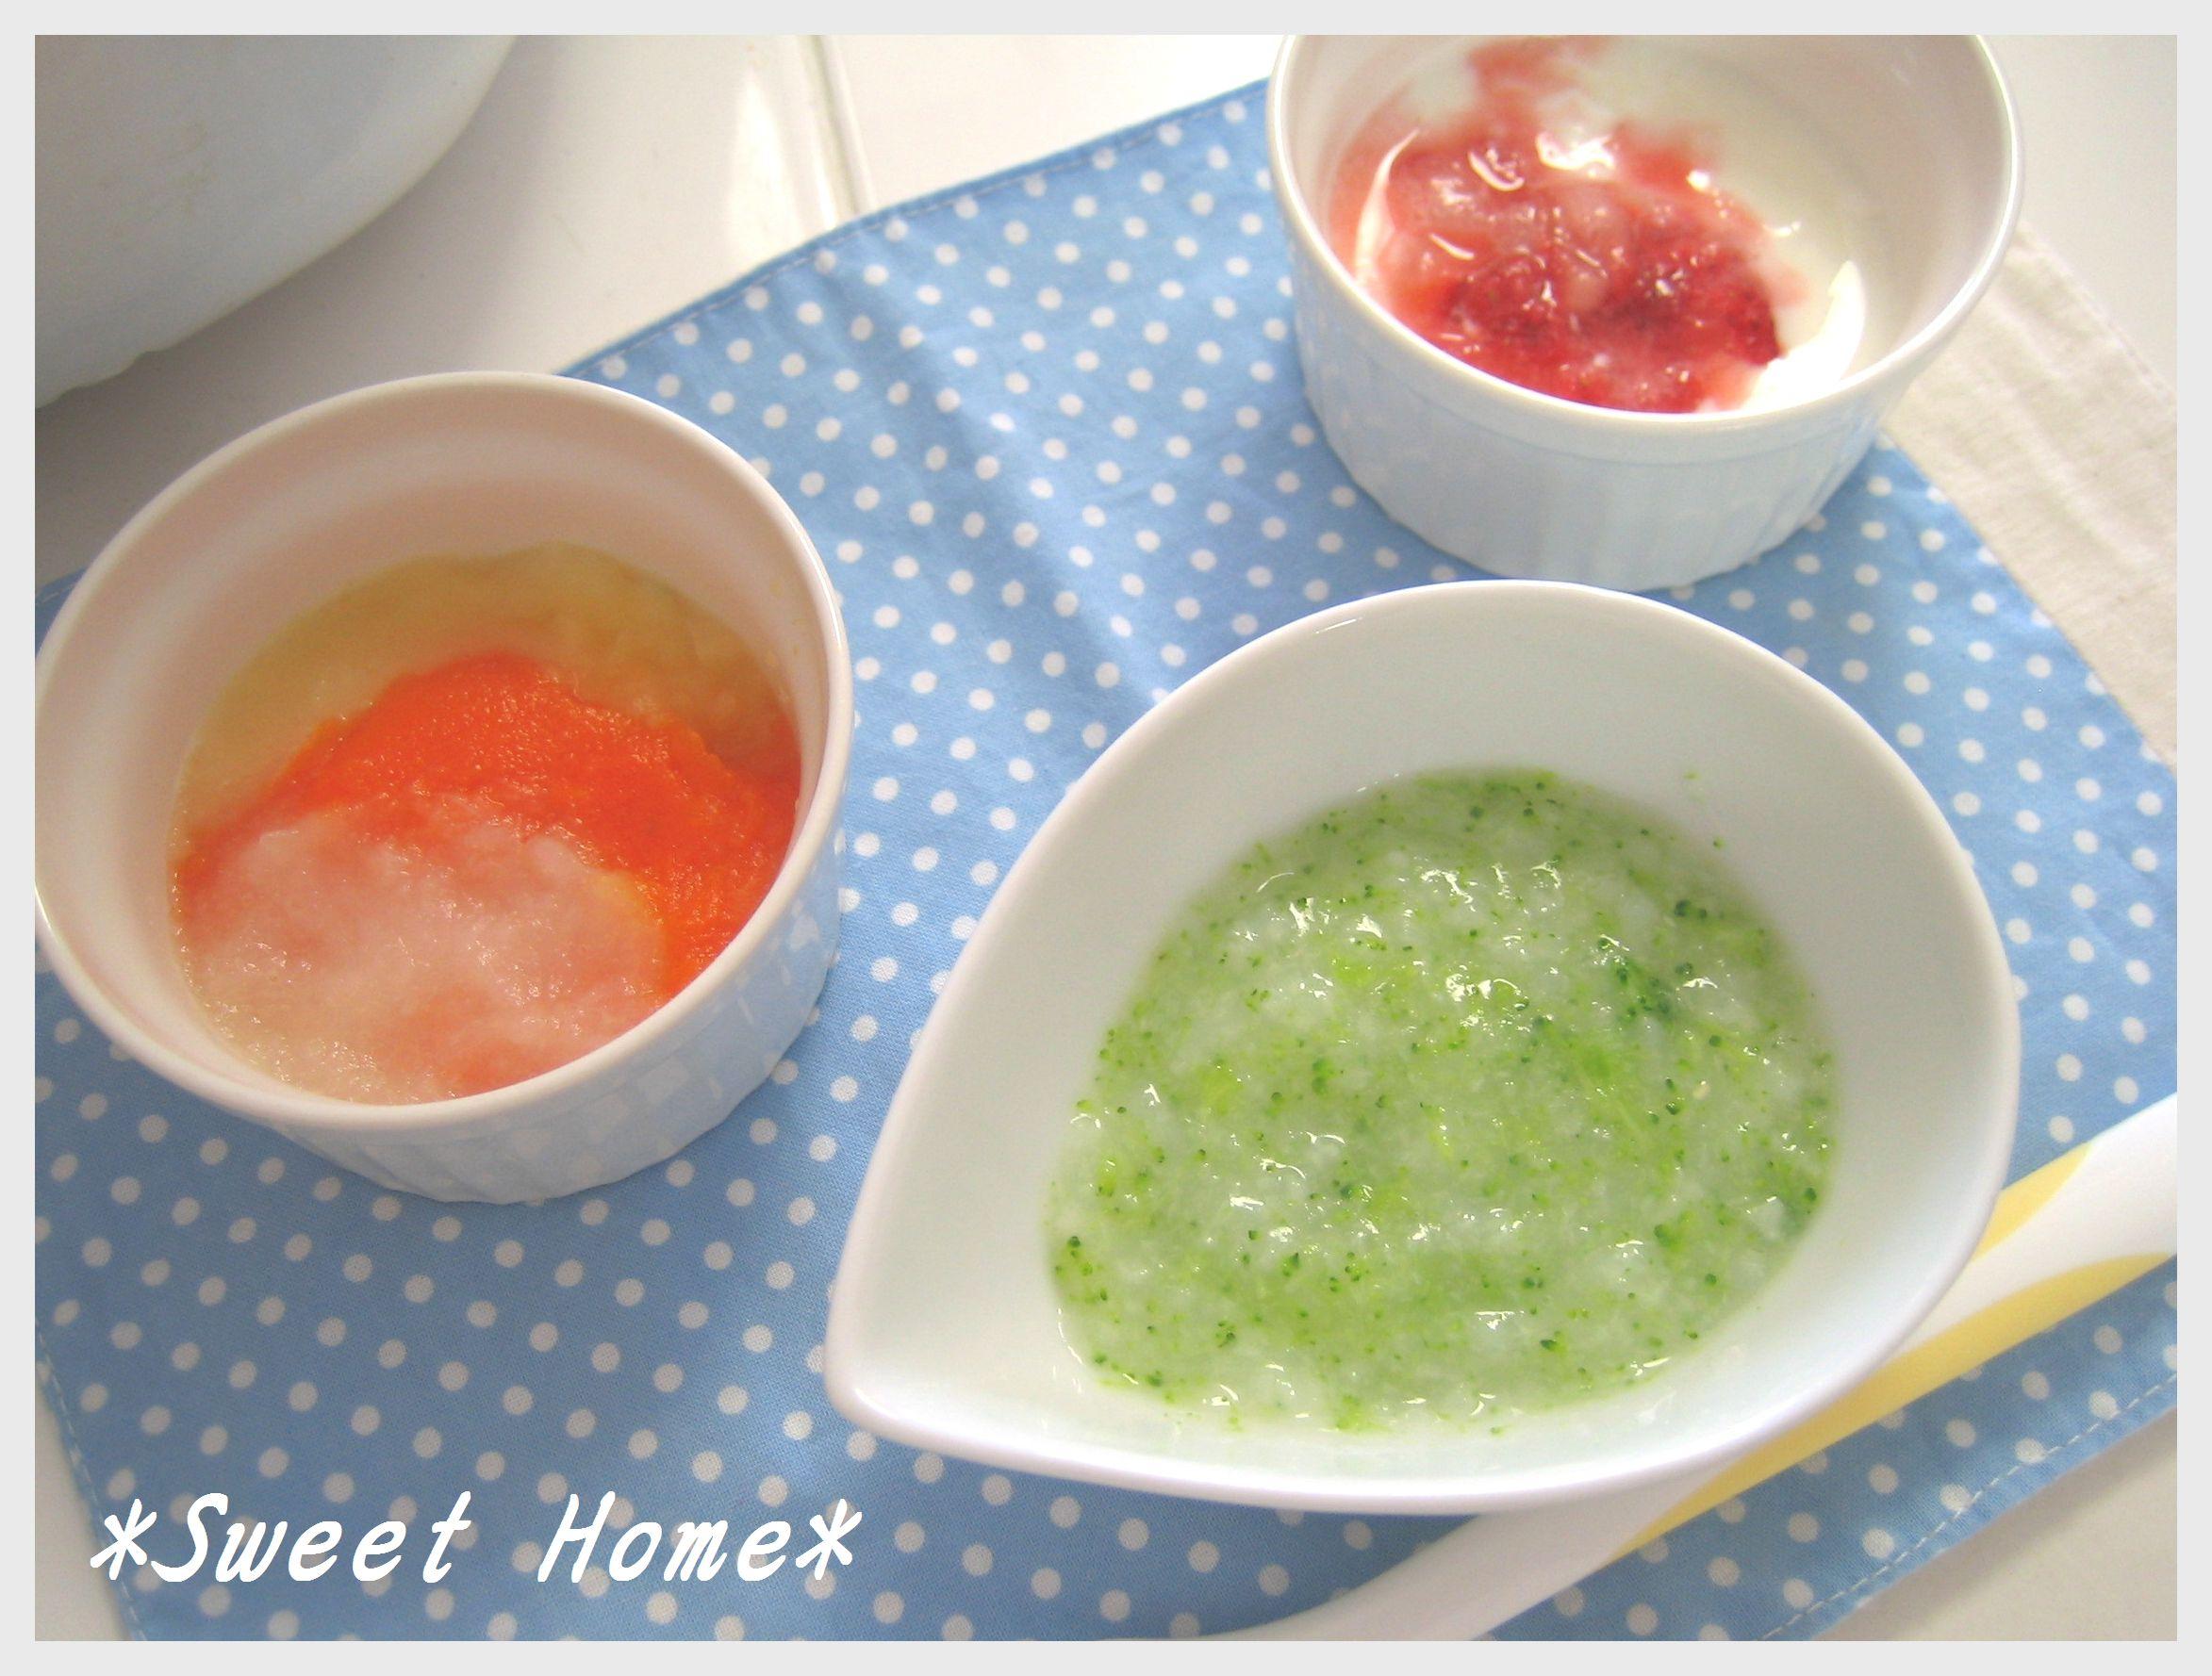 食事の楽しさを教えてあげたい!離乳食を作る時に便利な調理器具集!のサムネイル画像